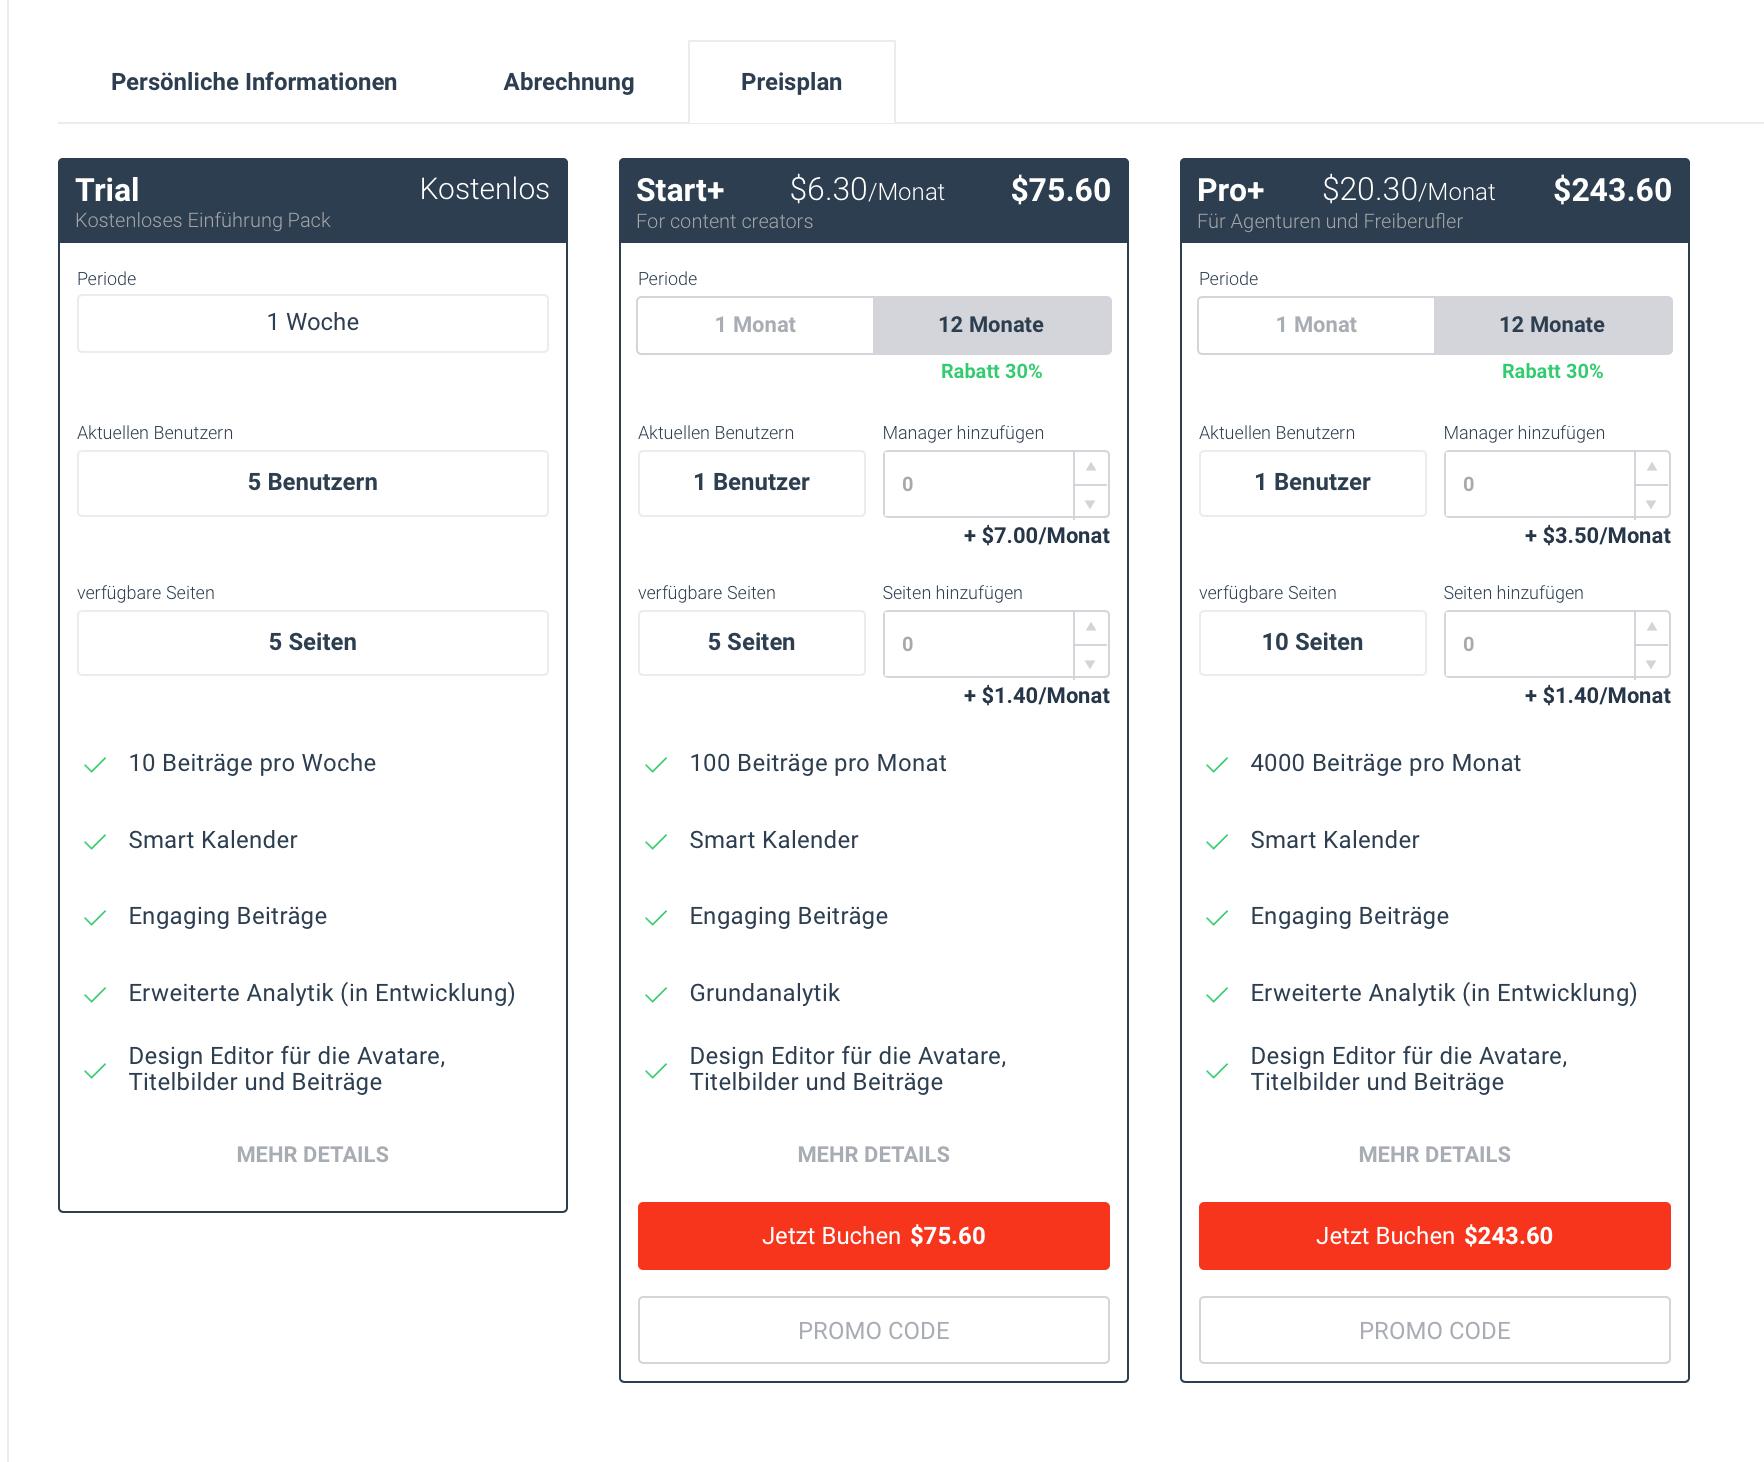 Preispakete Publbox